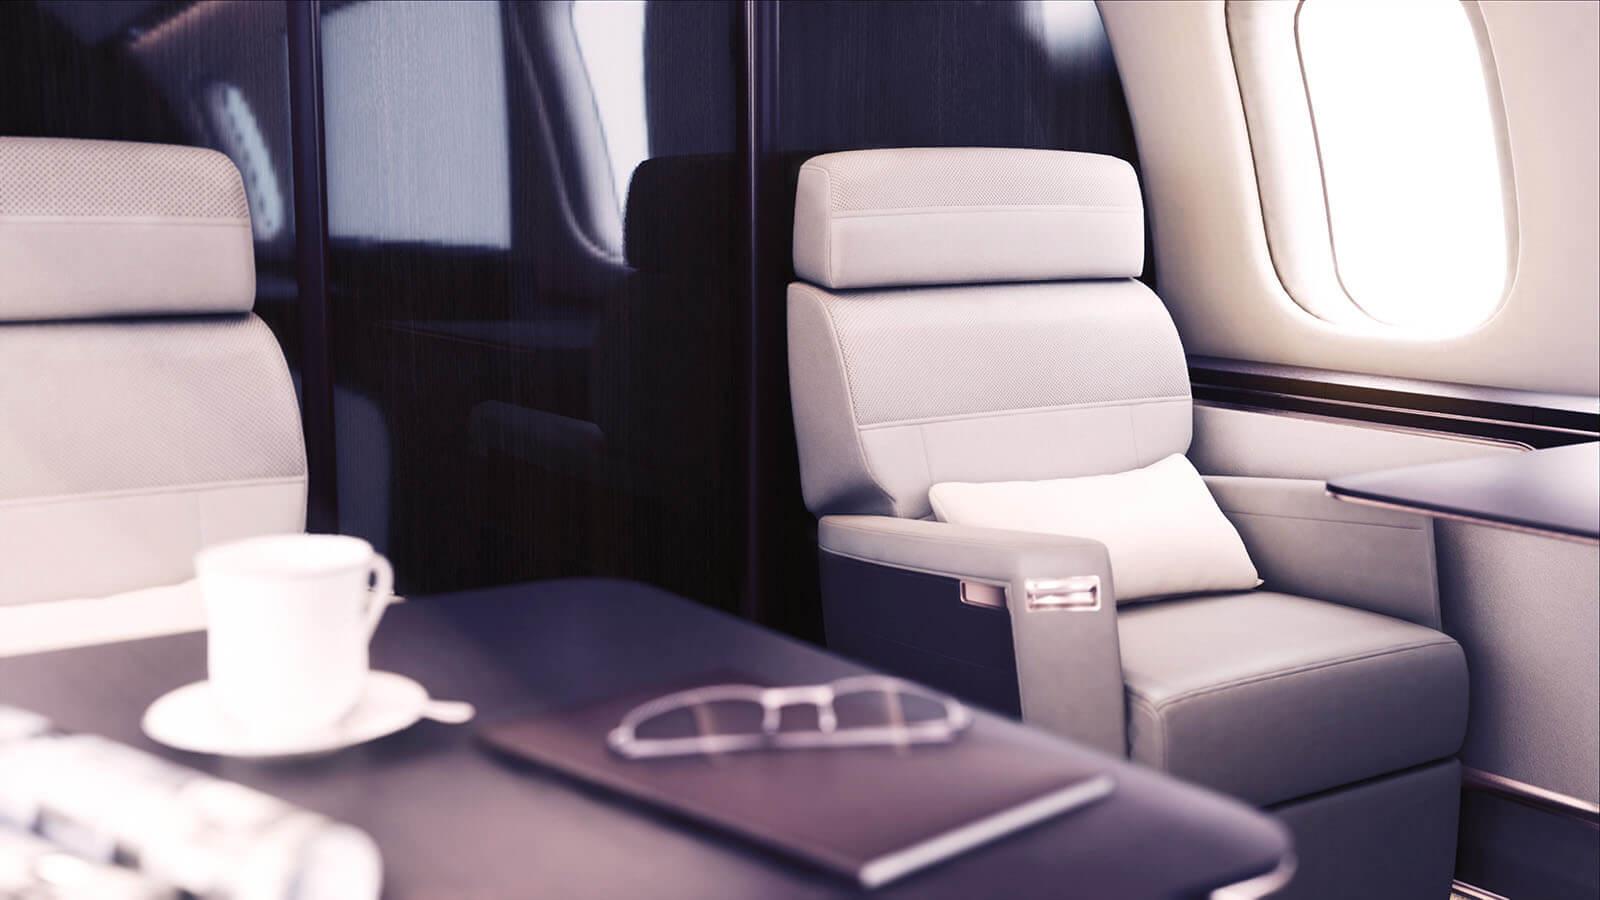 global_7000_seat1.jpg